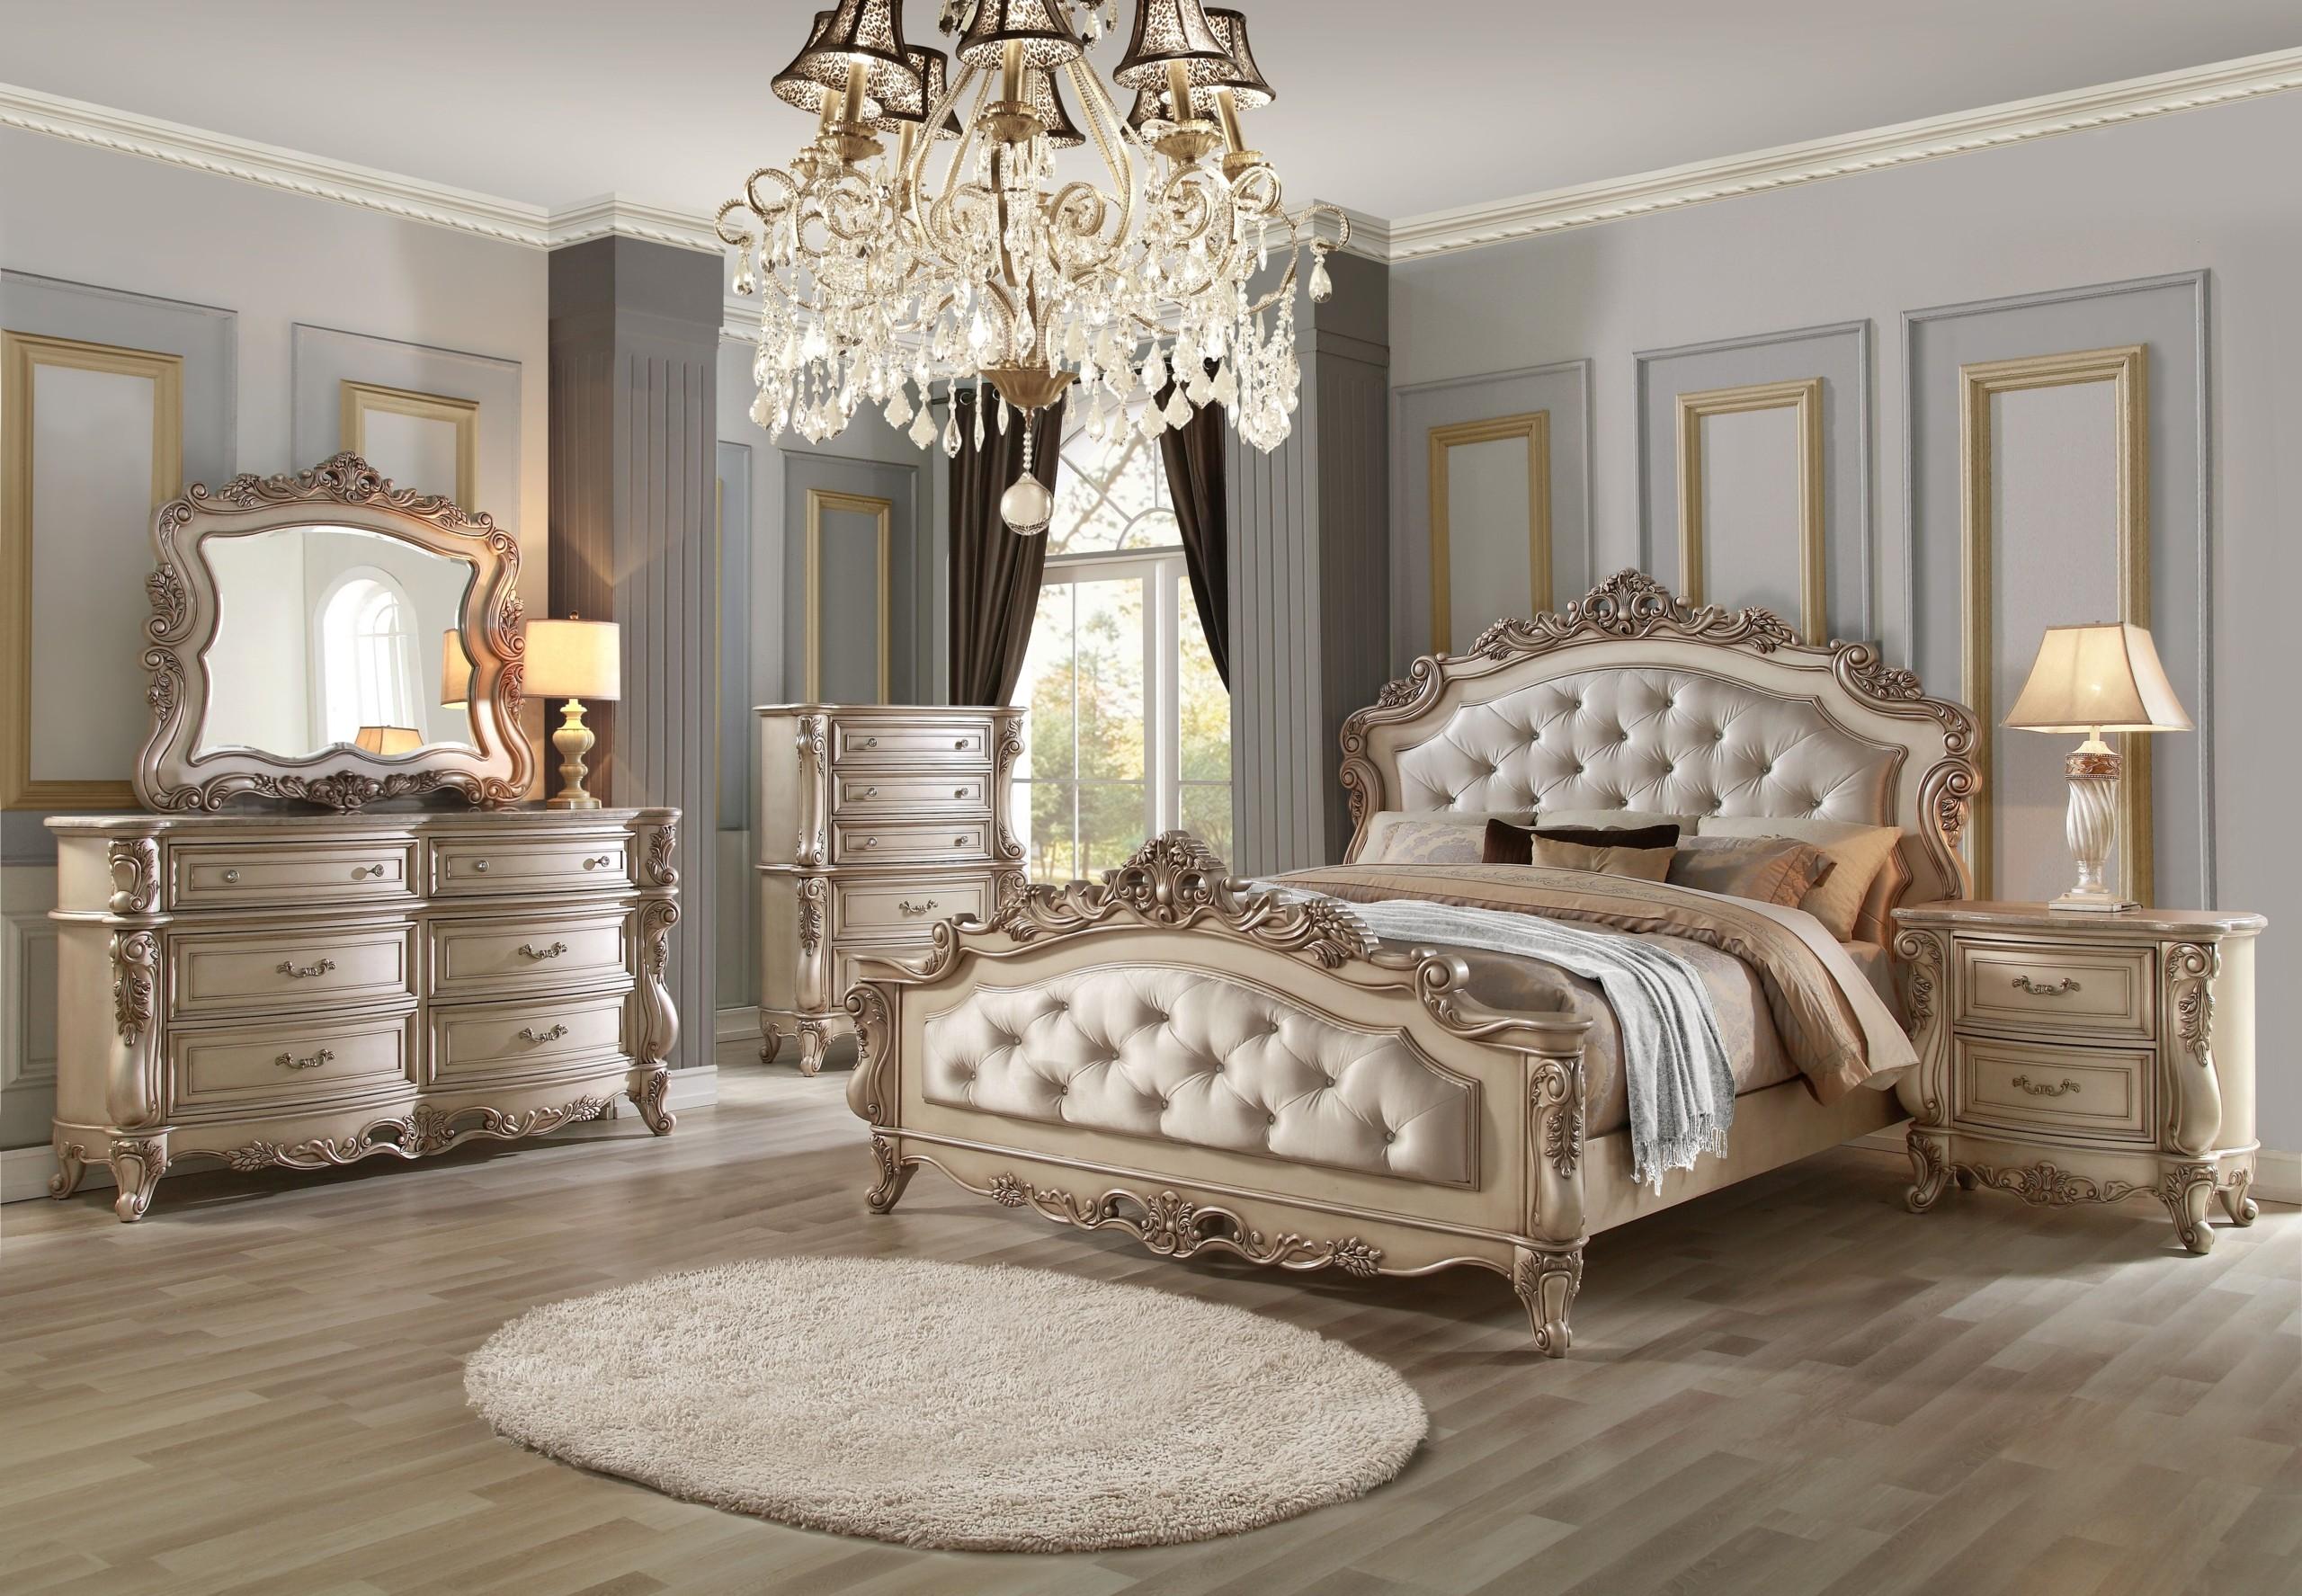 10 Best Bedroom Sets For 2021 Ideas On Foter